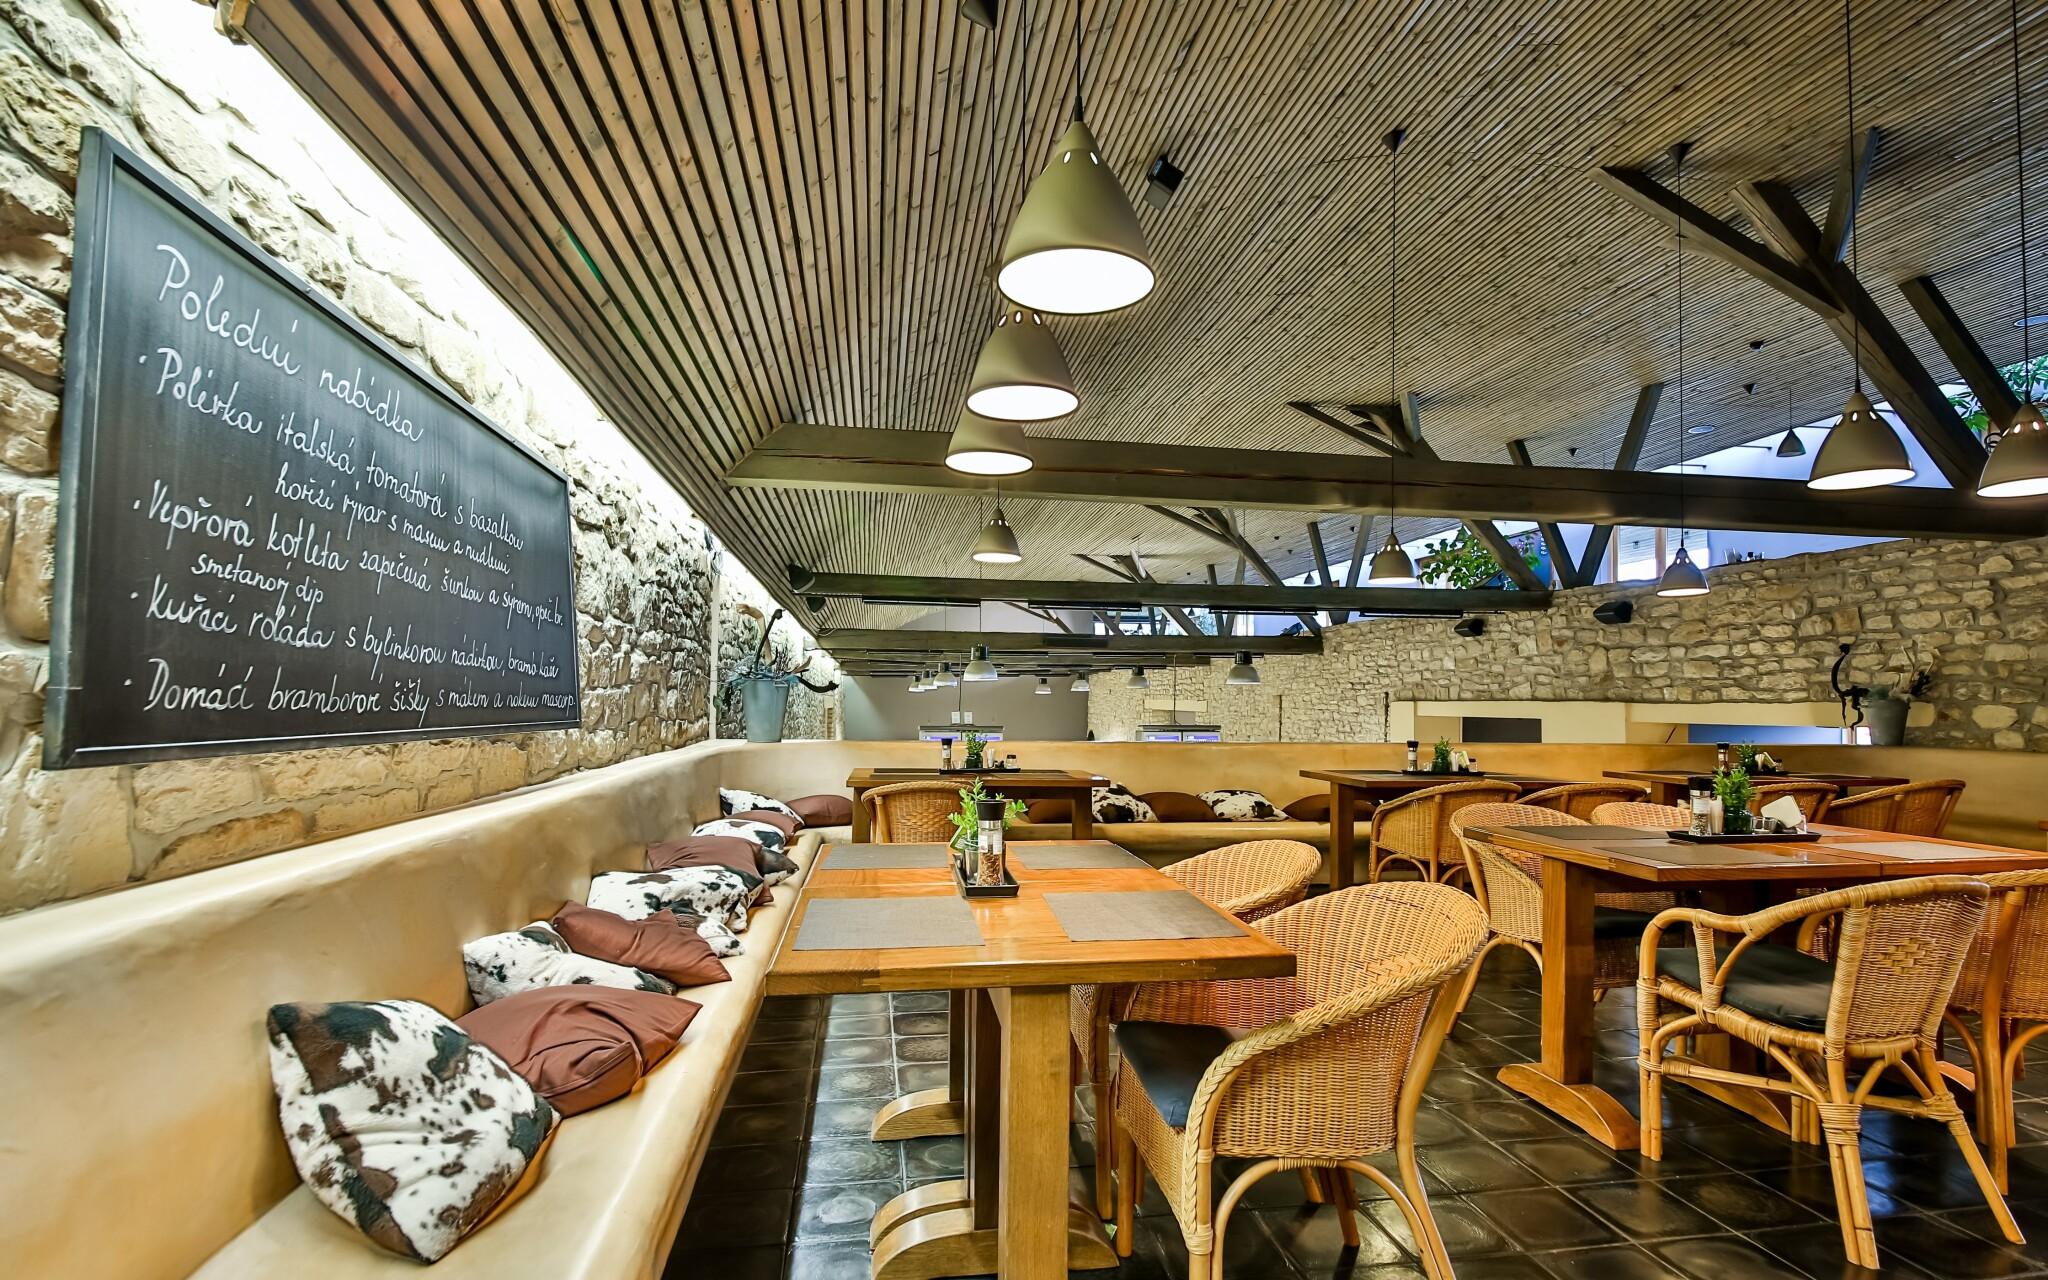 Útulné interiéry a reštaurácie Relax parku Modrá stodola